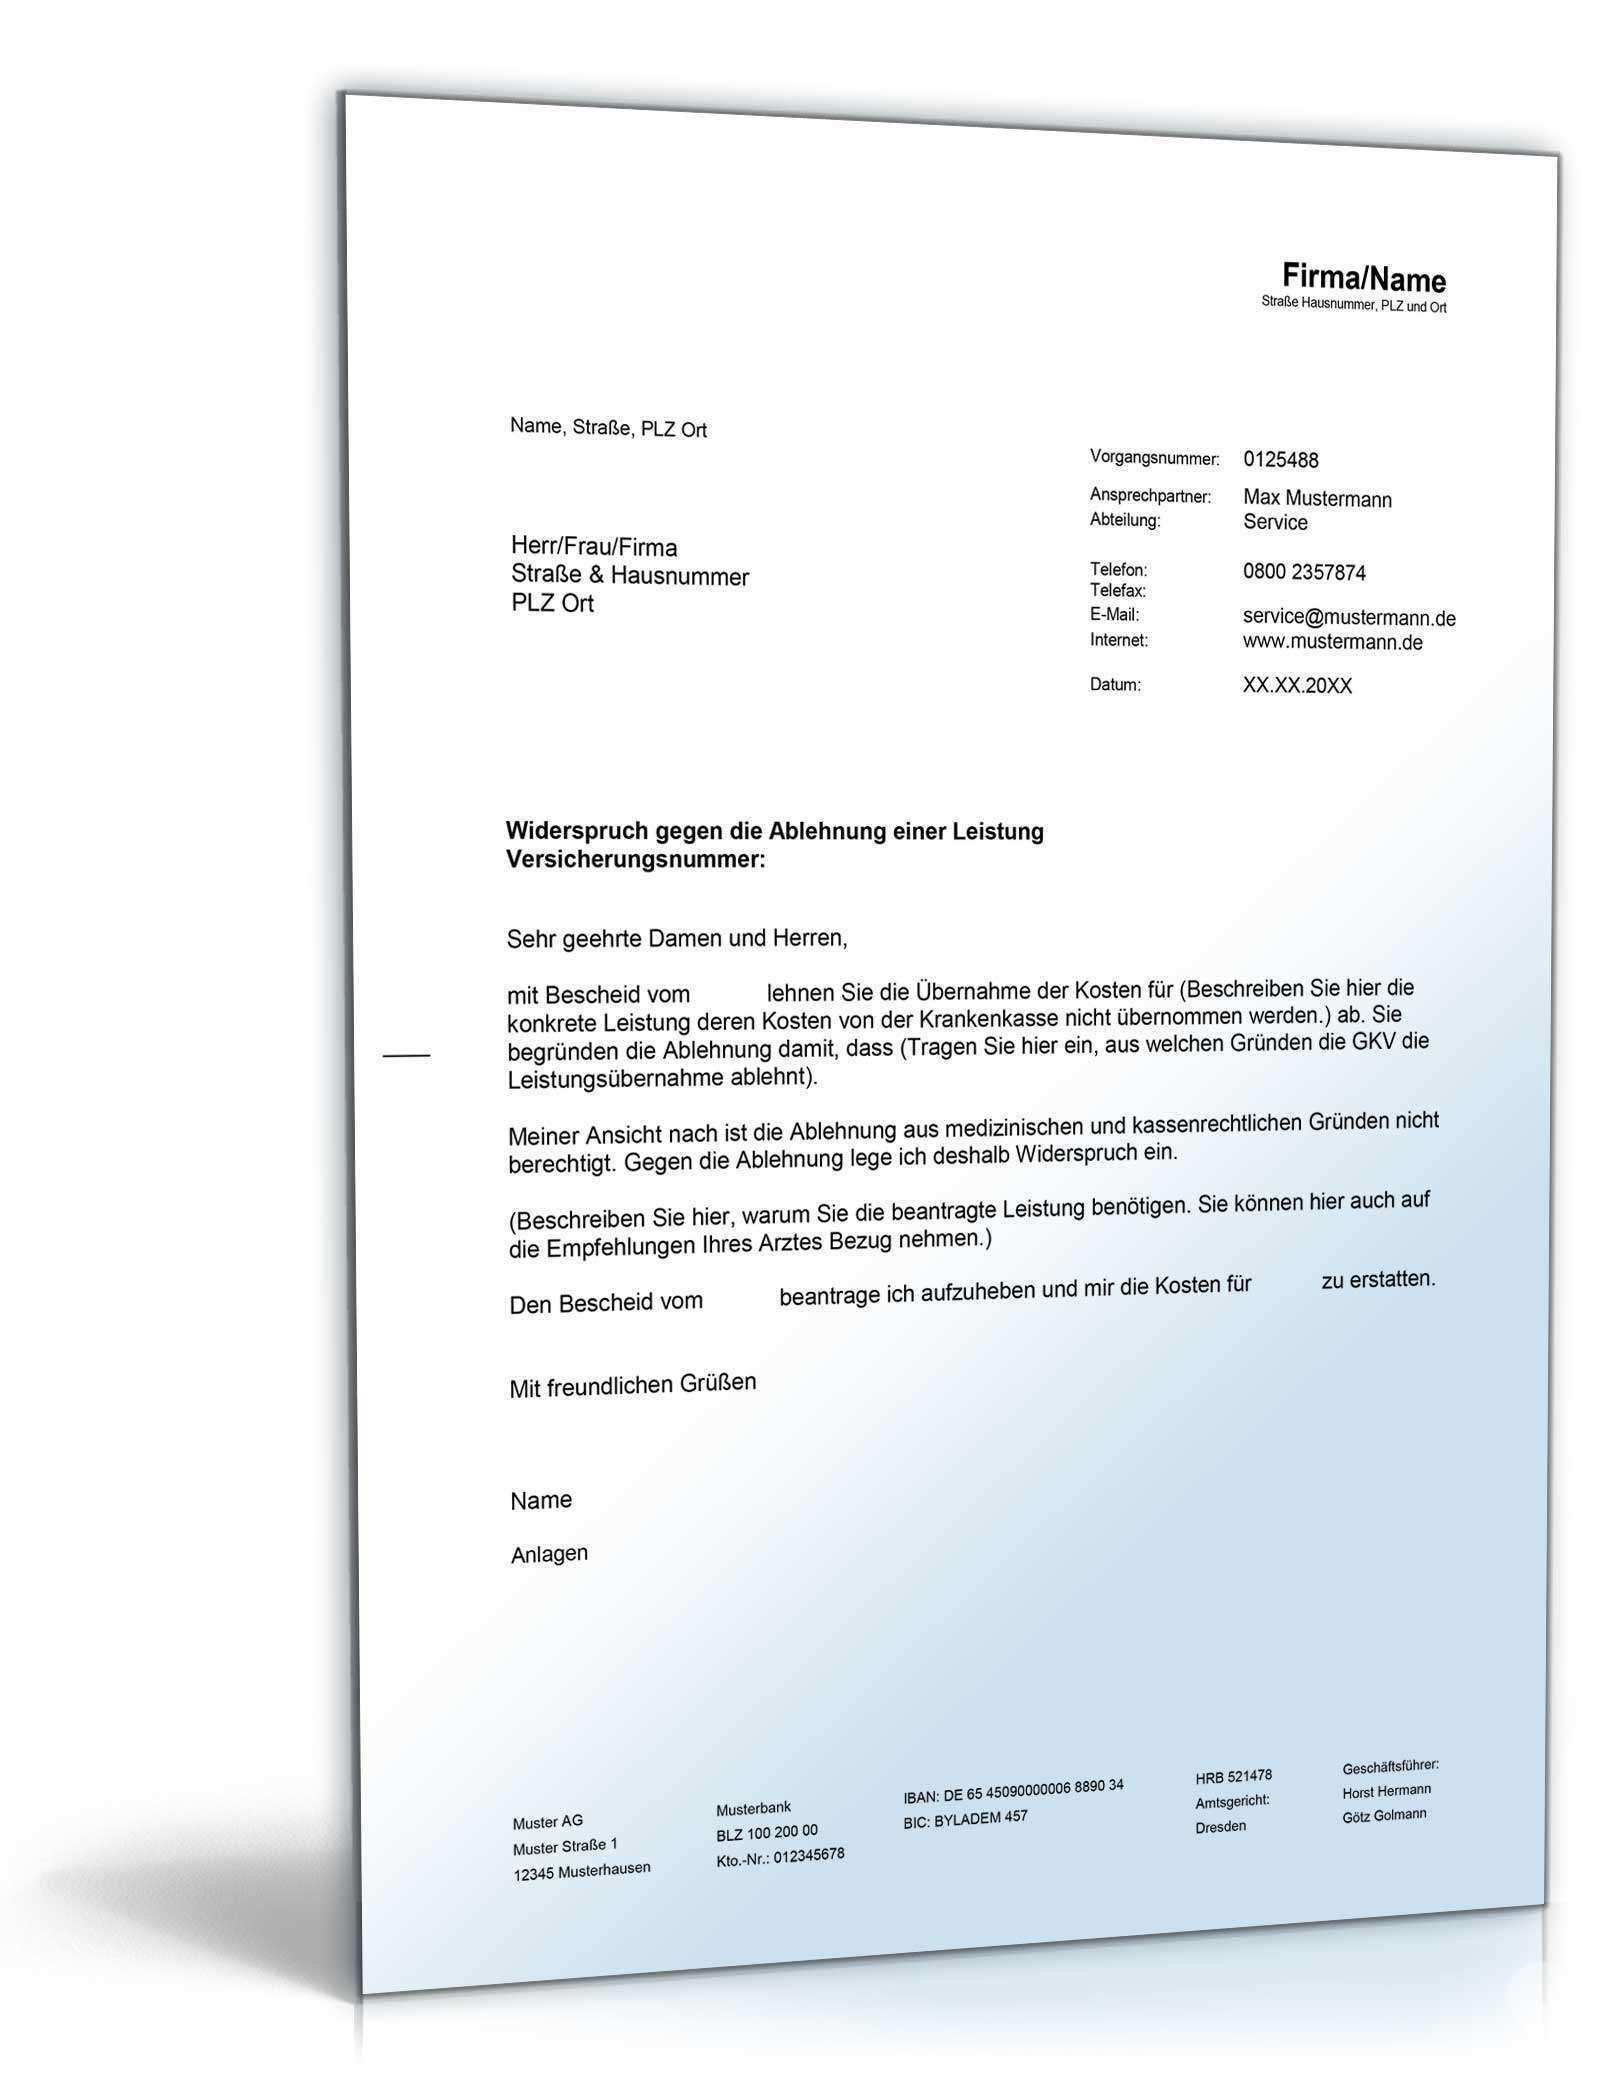 Widerspruch Verweigerung Einer Leistung Durch Die Gkv Muster Zum Download